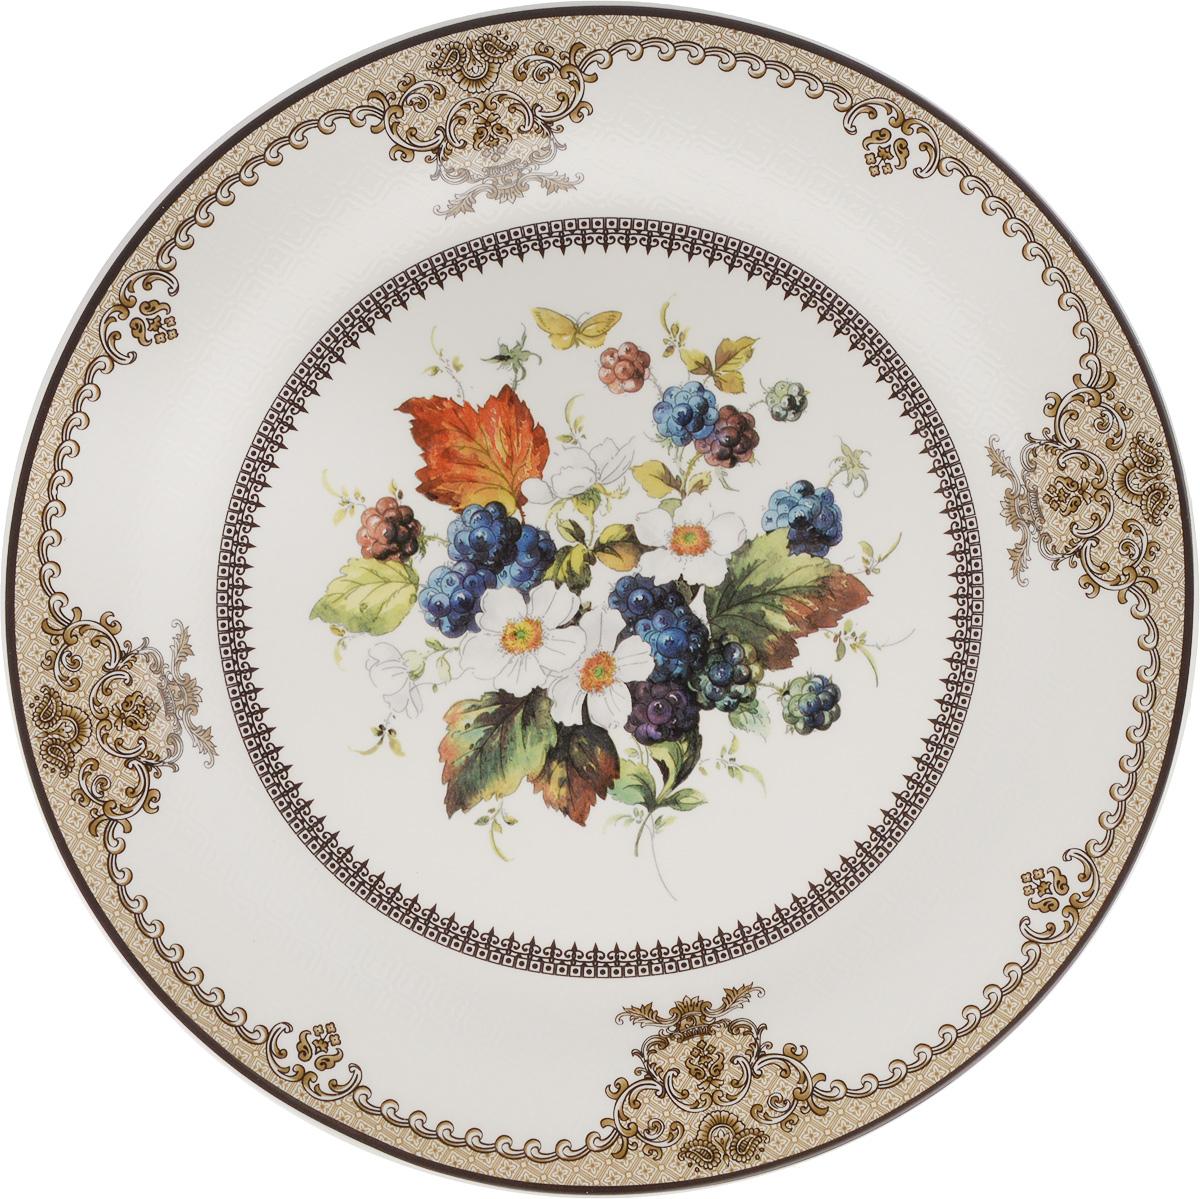 Тарелка Lillo, диаметр 27,5 см. 1001А-АТМ1001А-АТМТарелка Lillo изготовлена из качественной глазурованной керамики. Изделие декорировано красивым рисунком в виде узоров и цветов. Такая тарелка отлично подойдет в качестве блюда для сервировки закусок и нарезок, ее также можно использовать как обеденную. Яркий запоминающийся дизайн и качество исполнения сделают ее отличным подарком. Не рекомендуется использовать в микроволновой печи и мыть в посудомоечной машине.